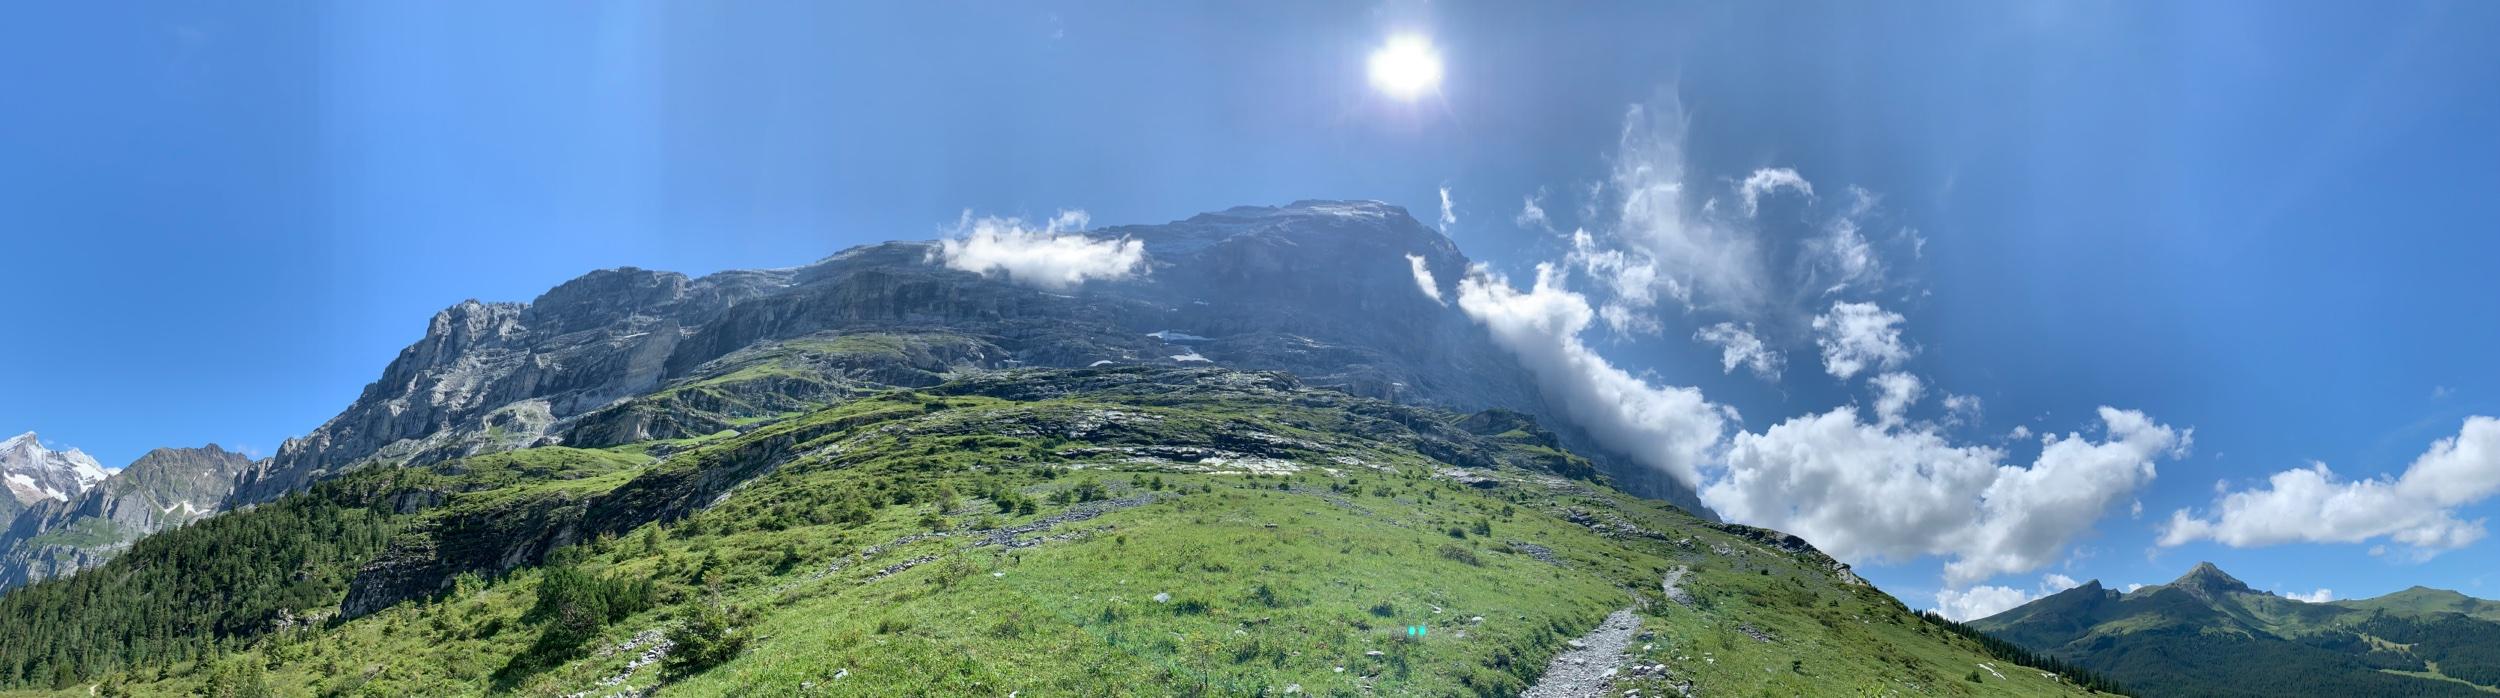 Amazing trail runs under the Eiger